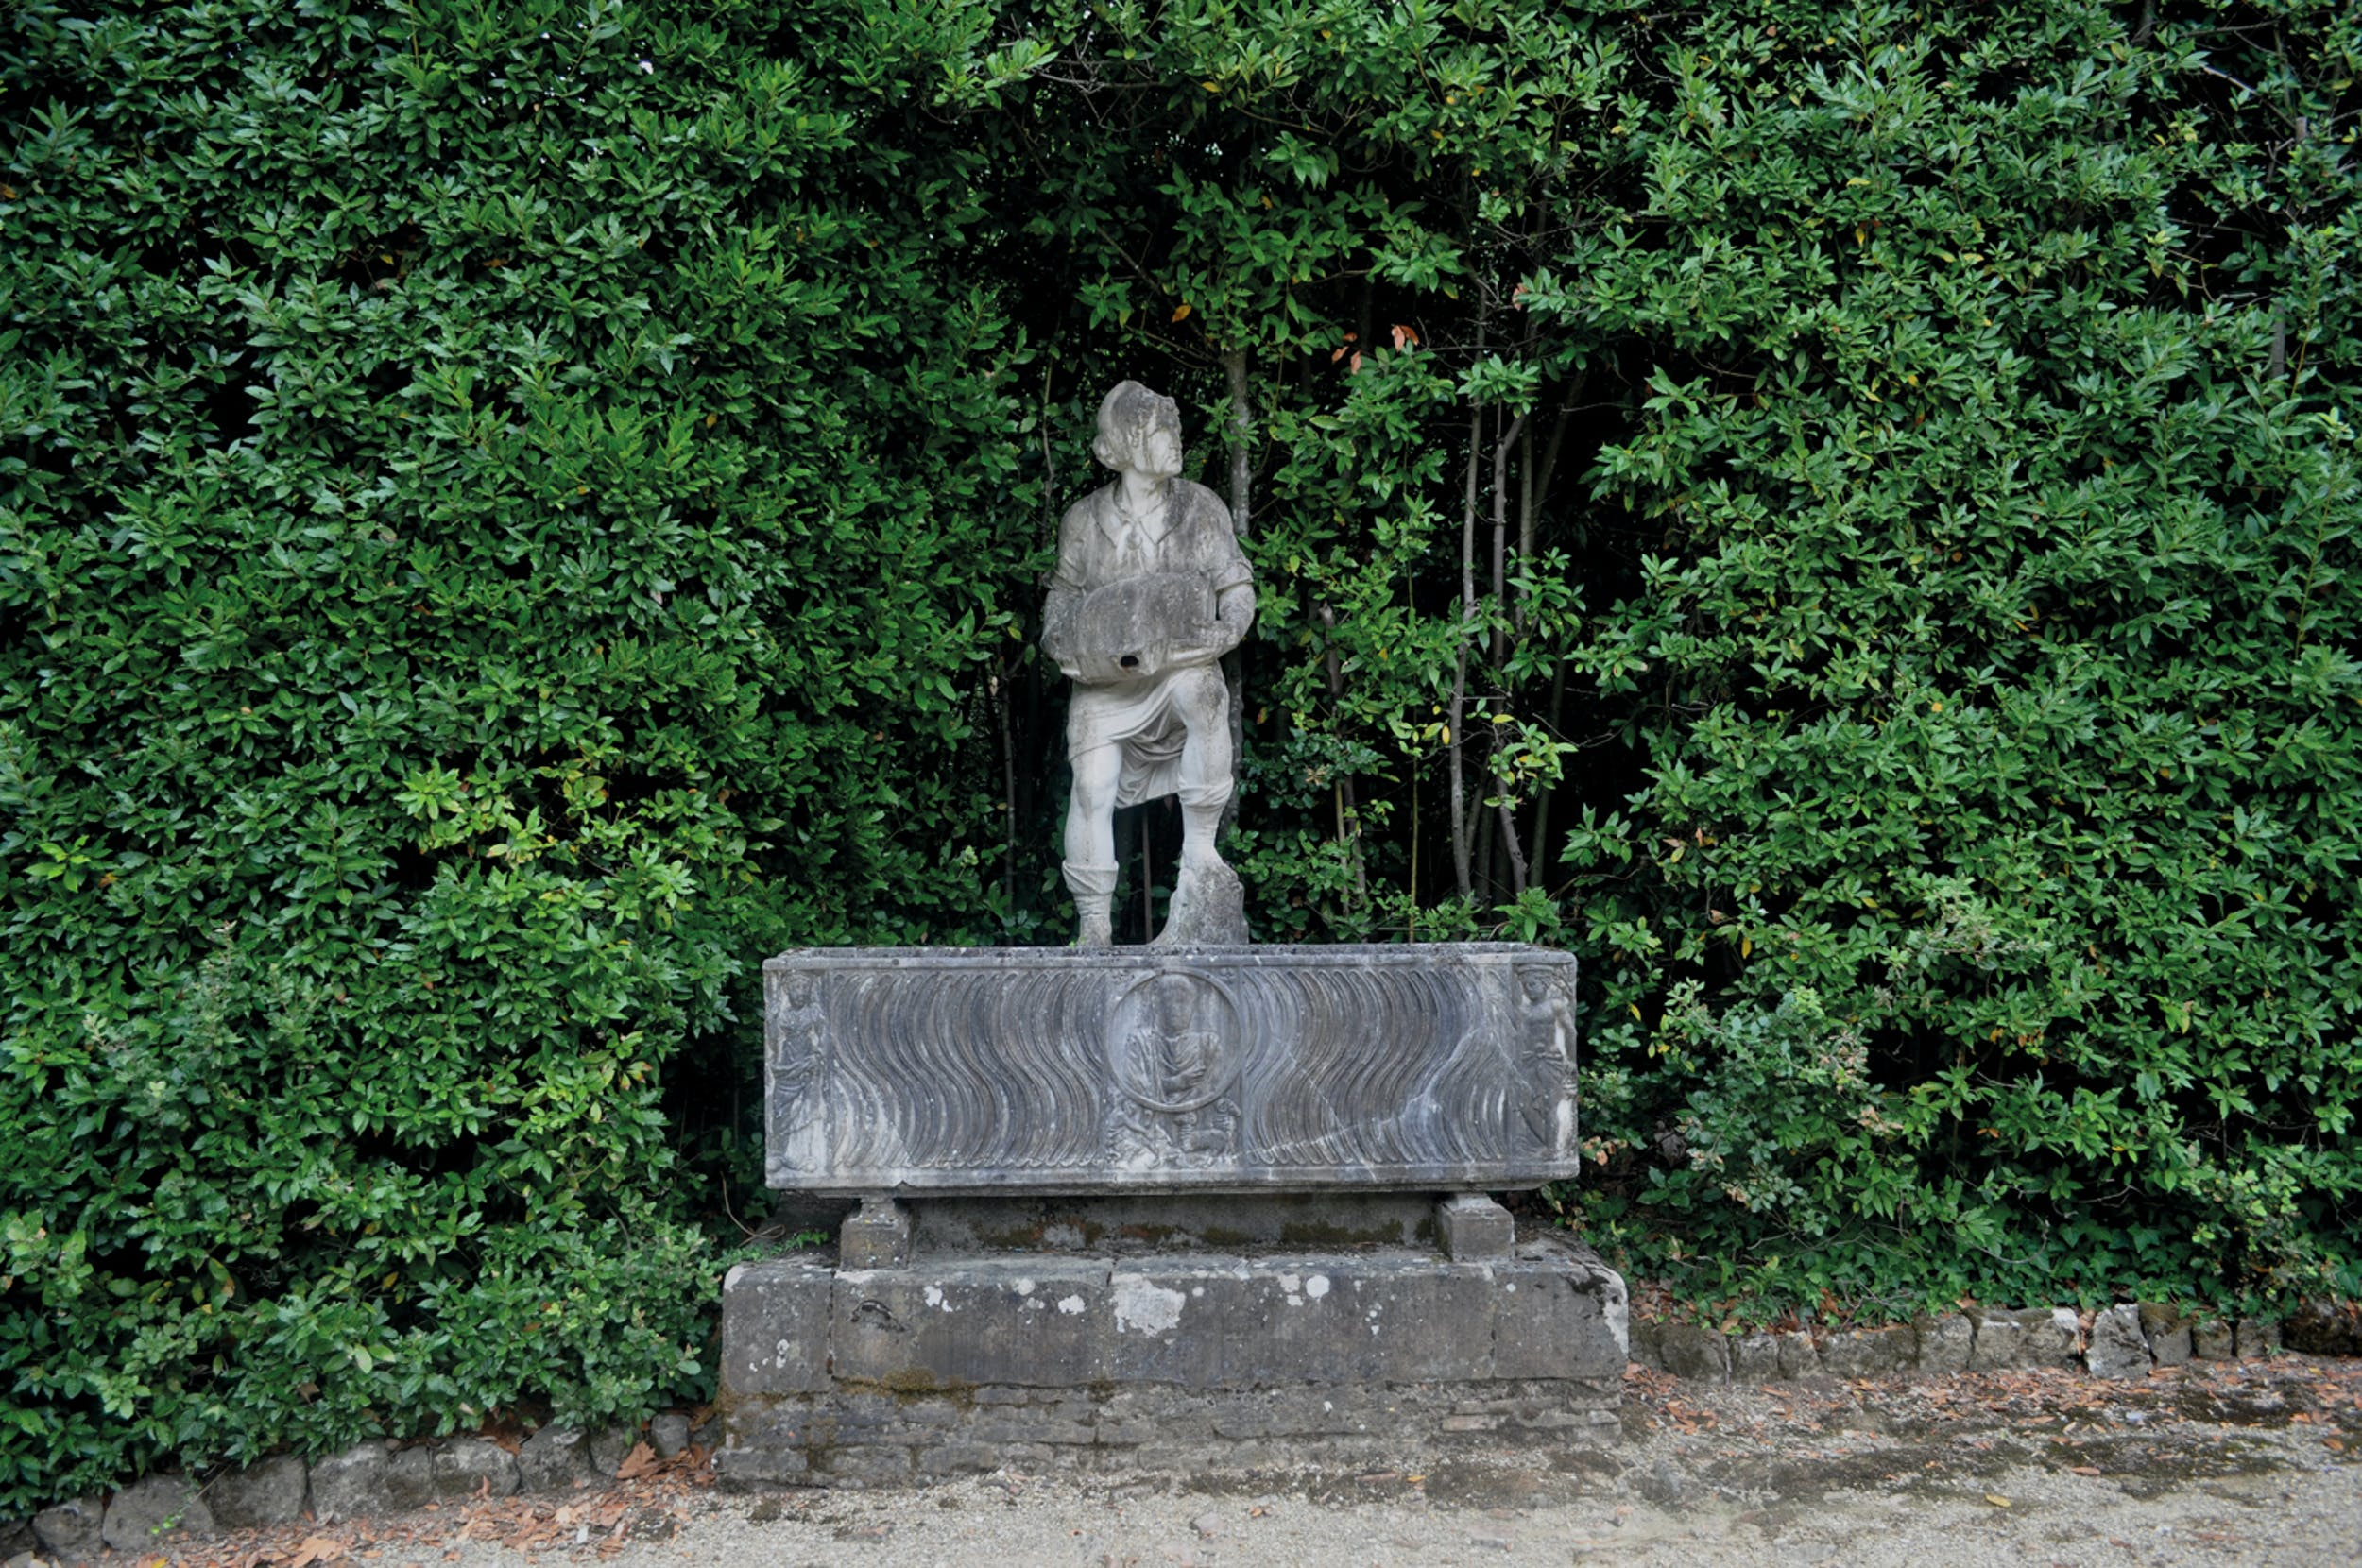 Giovanni di Paolo Fancelli, detto 'Nanni di Stocco' (Settignano, primo decennio del Cinquecento – Firenze 1586) da un modello di Baccio Bandinelli (Firenze 1488-1560) Villano con la botticella, prima del restauro 1556-1557 marmo; 189 x 60 x 57 cm Giardino di Boboli, depositi, Gallerie degli Uffizi, Firenze| Giovanni di Paolo Fancelli, known as  'Nanni di Stocco' (Settignano, first decade of the 16th century – Florence, 1586) after a model byBaccio Bandinelli (Firenze 1488-1560) The Peasant and His Barrel, before restoration 1556-7 marble; 189 x 60 x 57 cm. Giardino di Boboli, storage, Gallerie degli Uffizi, Firenze